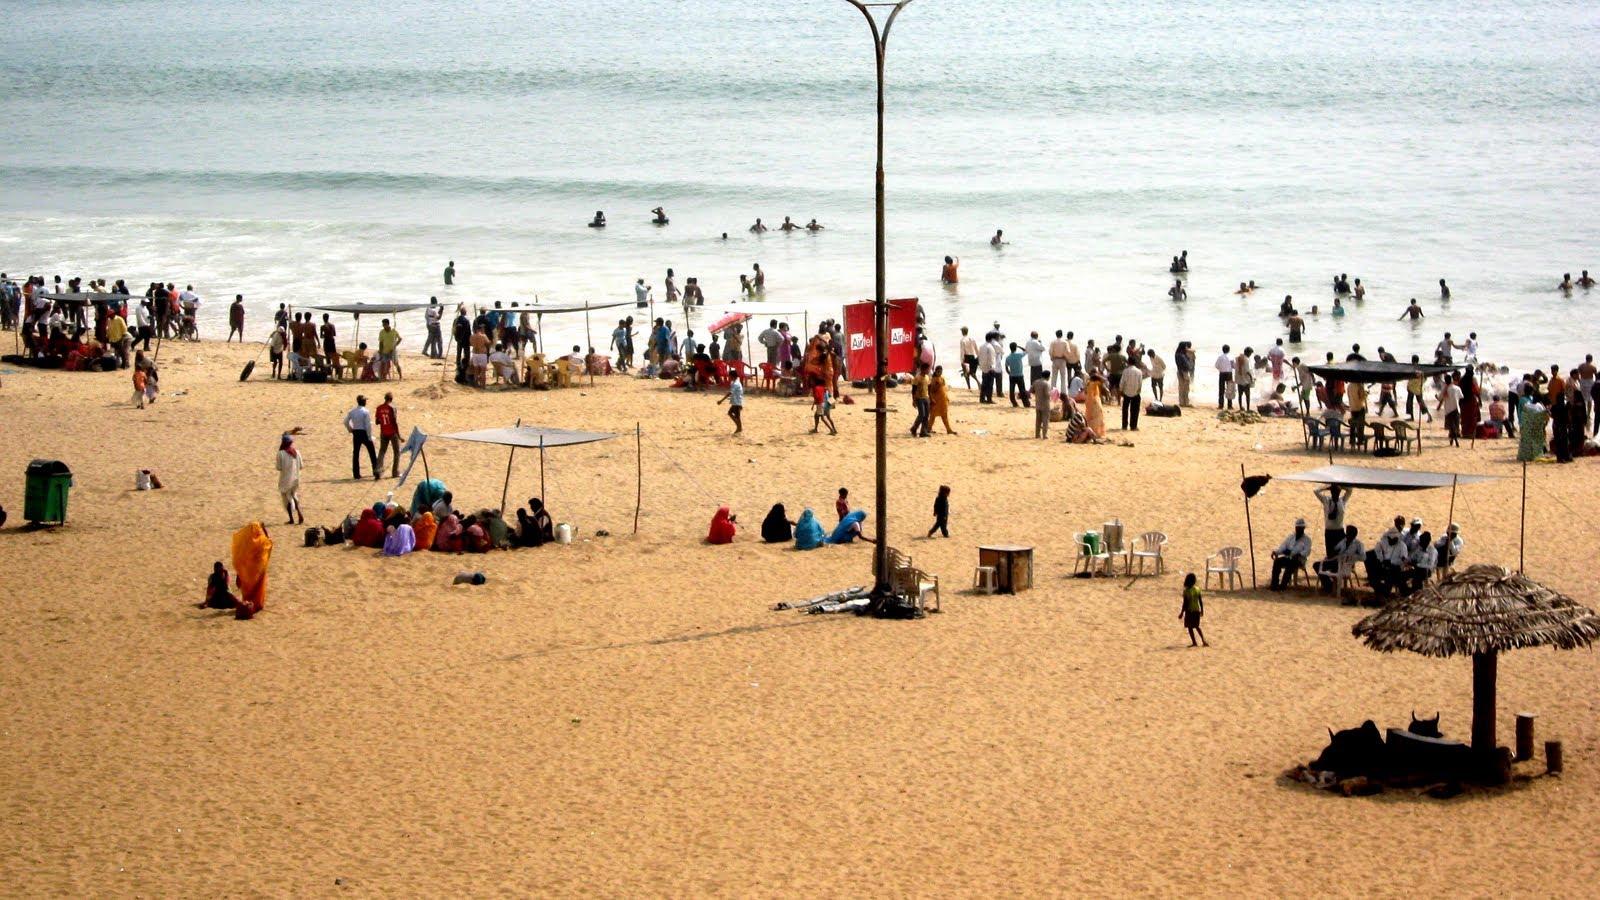 Puri Beach Orissa